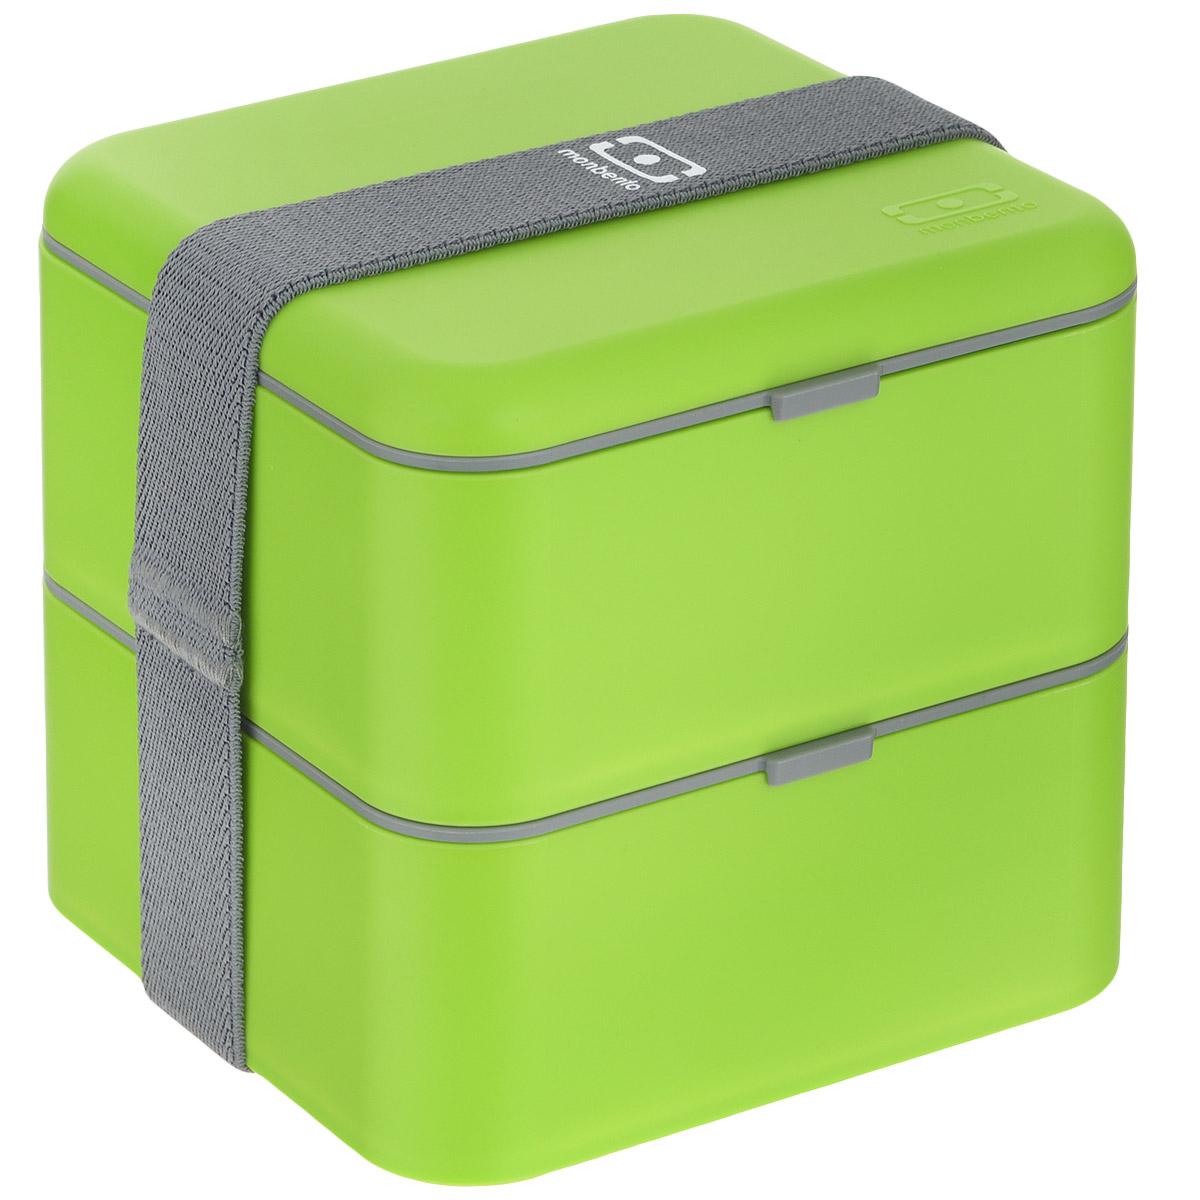 Ланчбокс Monbento Square, цвет: зеленый, 1,7 л1200 03 005Ланчбокс Monbento Square изготовлен из высококачественного пищевого пластика. Предназначен для хранения и переноски пищевых продуктов в больших порциях: подходит для салатов, бутербродов и других блюд. Ланчбокс представляет собой два квадратных контейнера, в которых удобно хранить сразу несколько видов блюд. Контейнеры вакуумные, что позволяет продуктам дольше оставаться свежими и вкусными. Контейнеры скрепляются эластичной резинкой. Компактные размеры позволят уместить ланчбокс в любой сумке. Его удобно взять с собой на работу, отдых, в поездку. Теперь любимая домашняя еда всегда будет под рукой, а яркий дизайн поднимет настроение и подарит заряд позитива. Можно использовать в микроволновой печи и для хранения пищи в холодильнике, можно мыть в посудомоечной машине. Объем: 1,7 л. Общий размер ланчбокса: 14 см х 14 см х 14 см. Размер контейнера: 14 см х 14 см х 8 см.